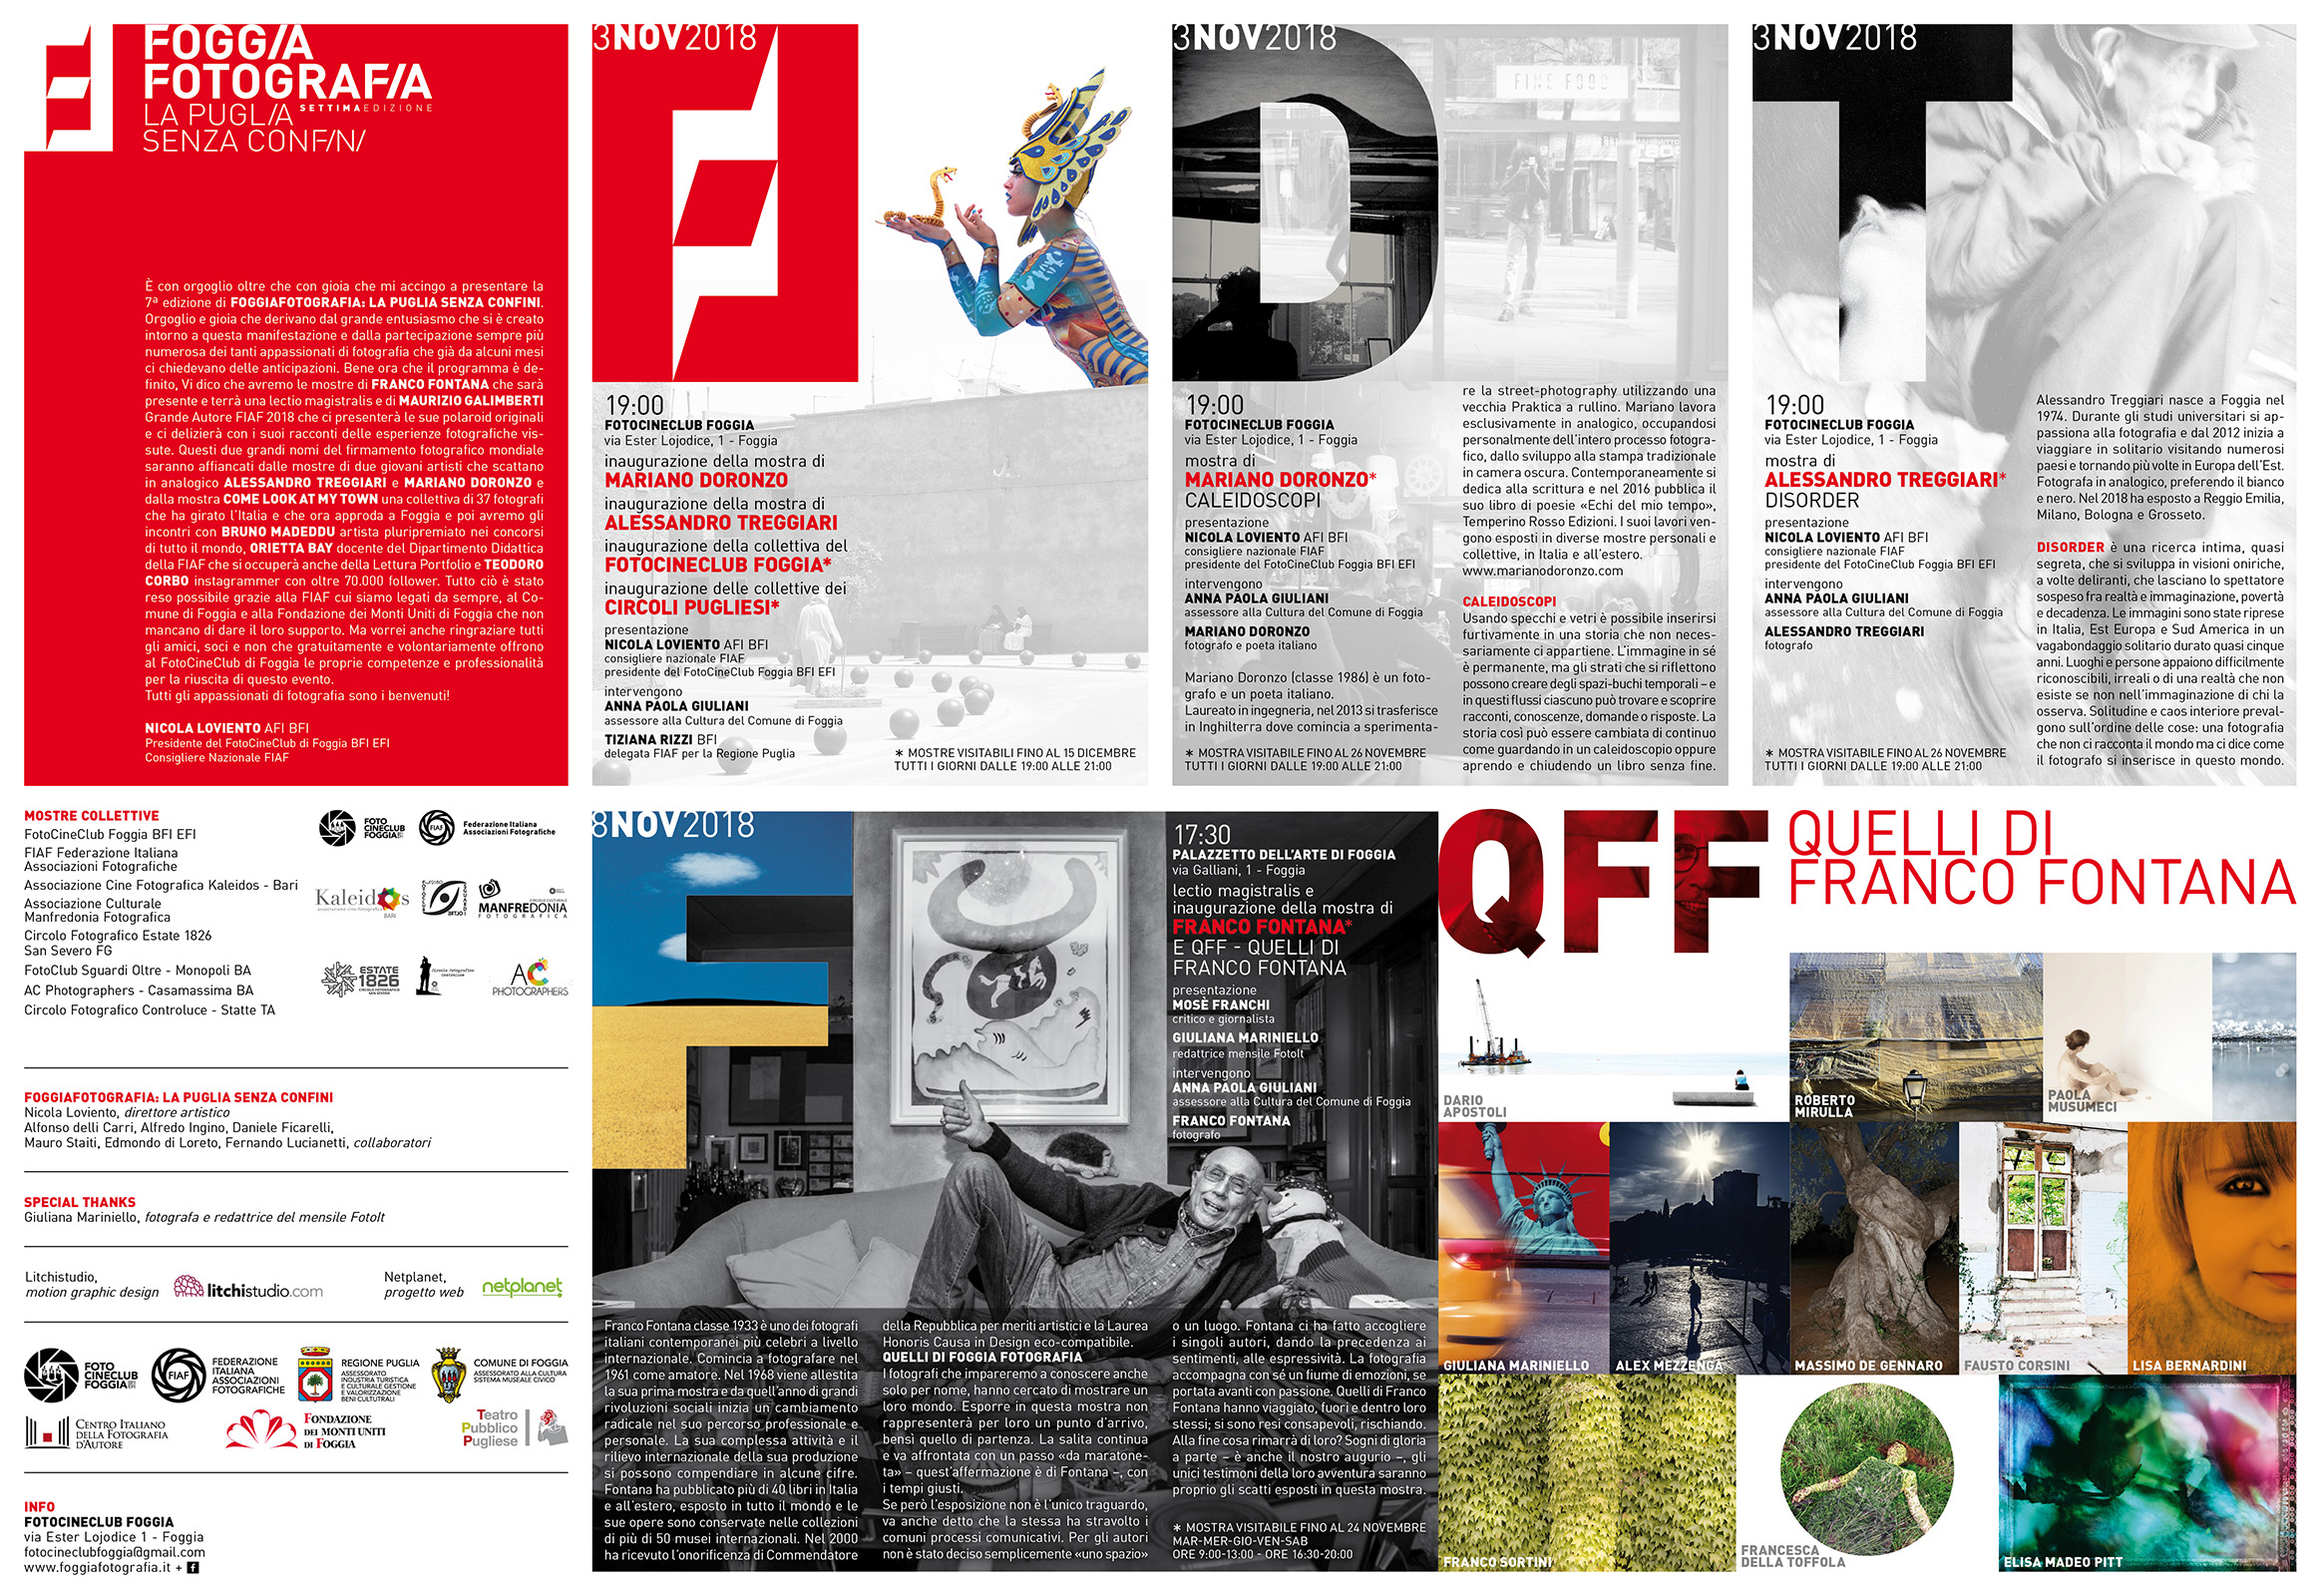 Collettiva Franco Fontana e Quelli di Franco Fontana, Foggia Fotografia 2018.